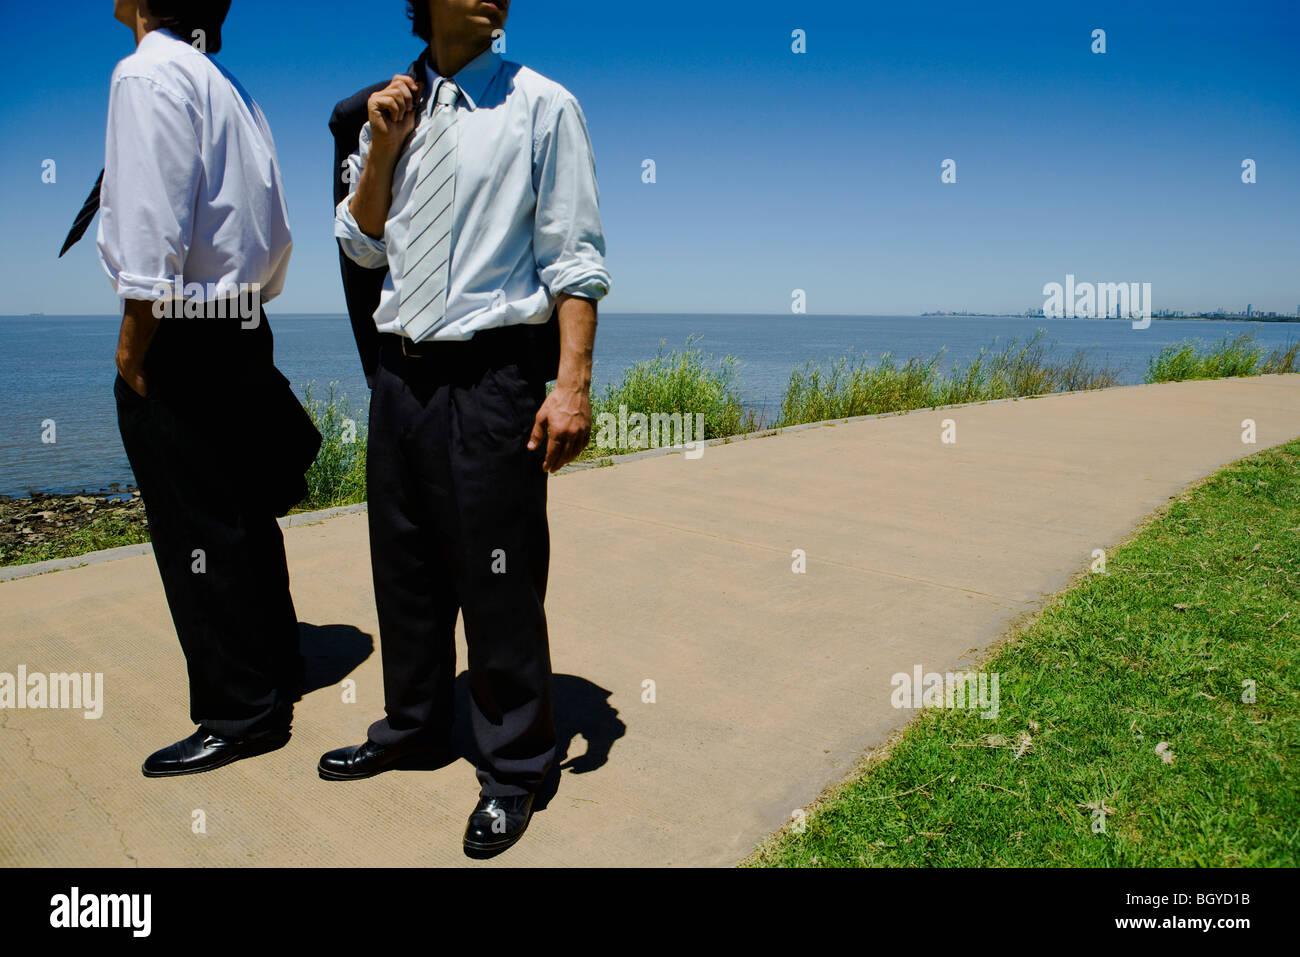 Deux jeunes hommes debout sur chemin, mer en arrière-plan, cropped Photo Stock